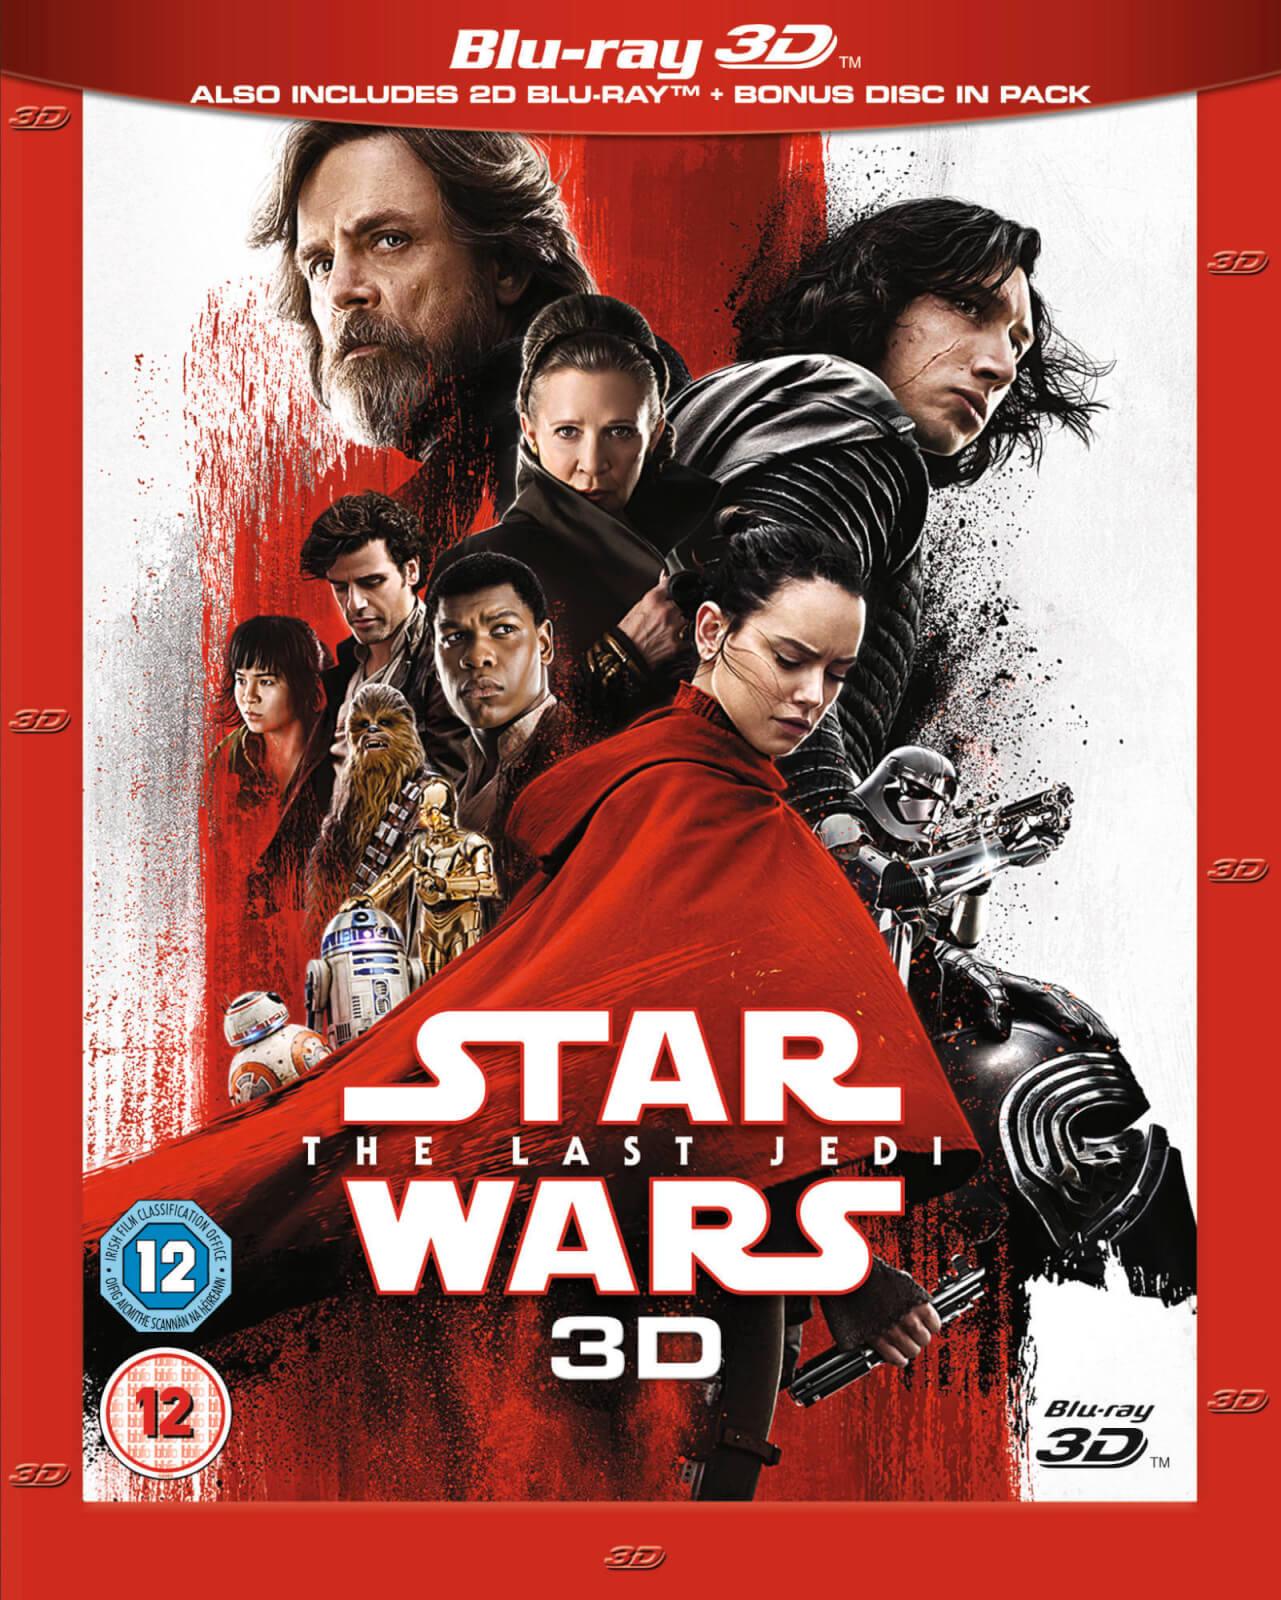 Star Wars: The Last Jedi 3D Blu-ray (Incl. 2D versie)